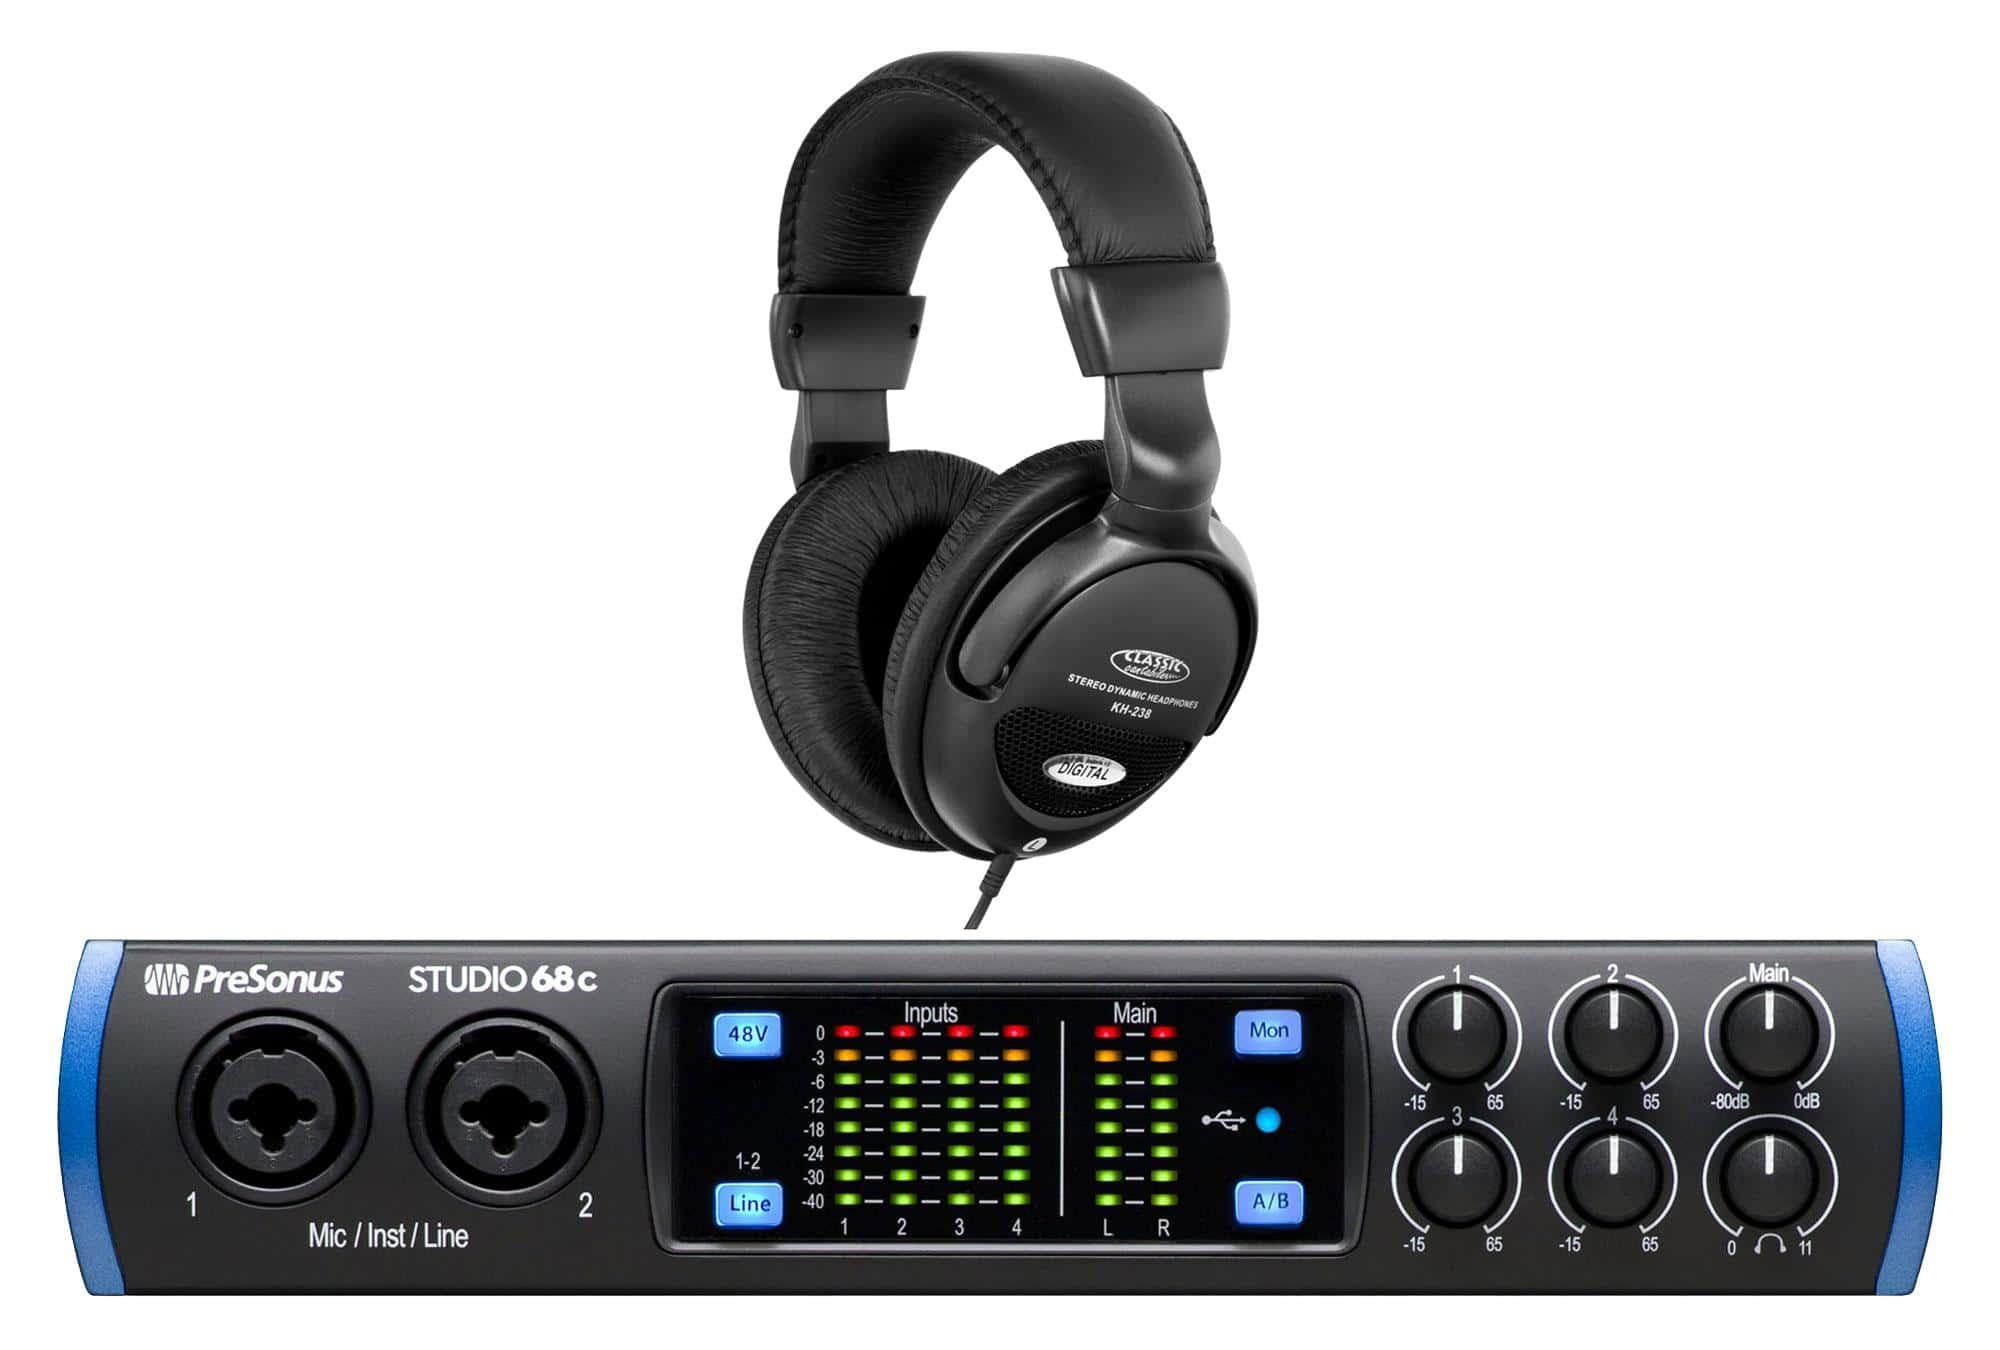 PreSonus Studio 68c USB C Audio Interface Set